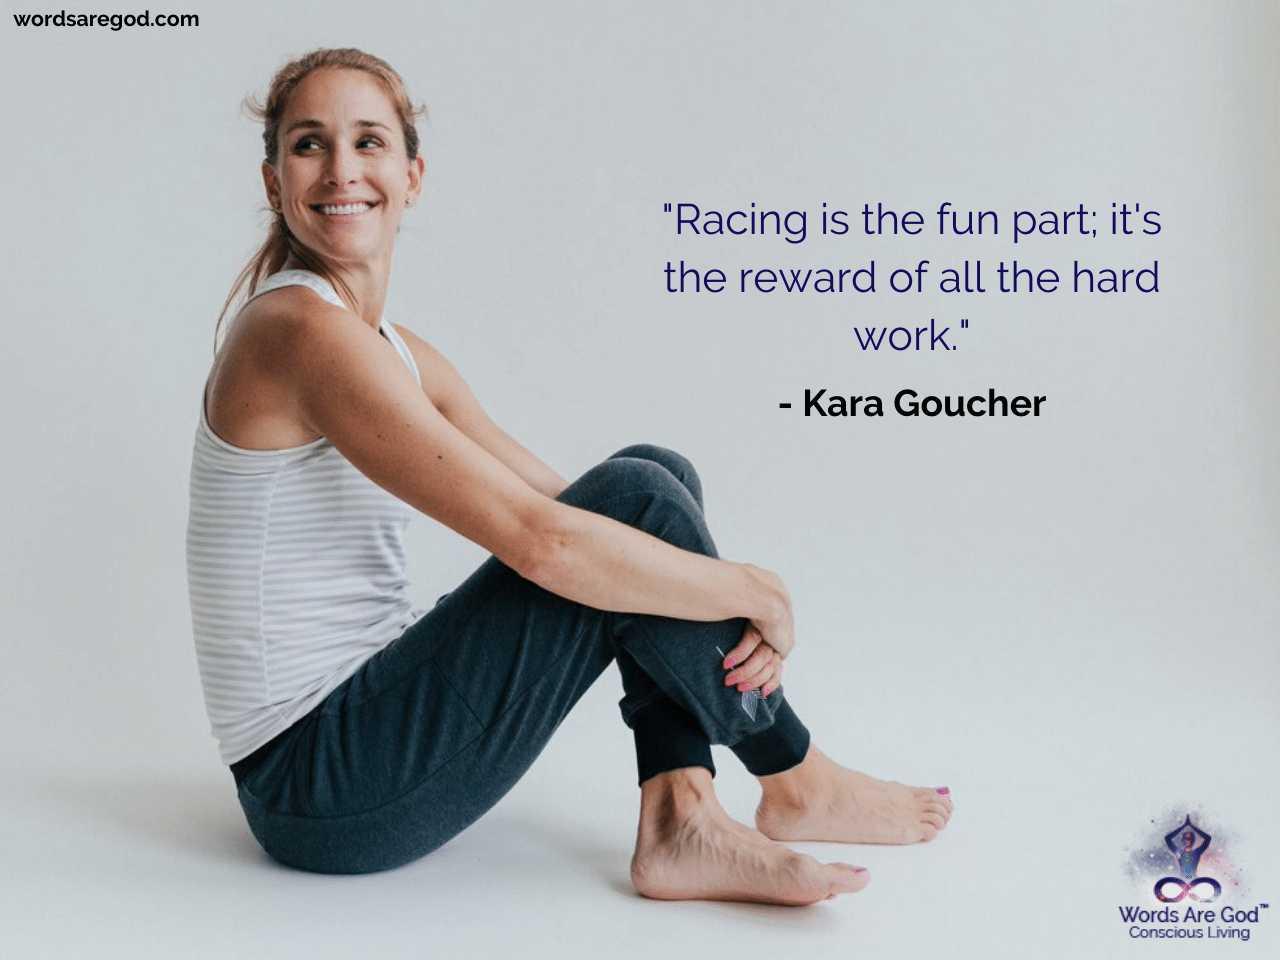 Kara Goucher Best Quotes by Kara Goucher